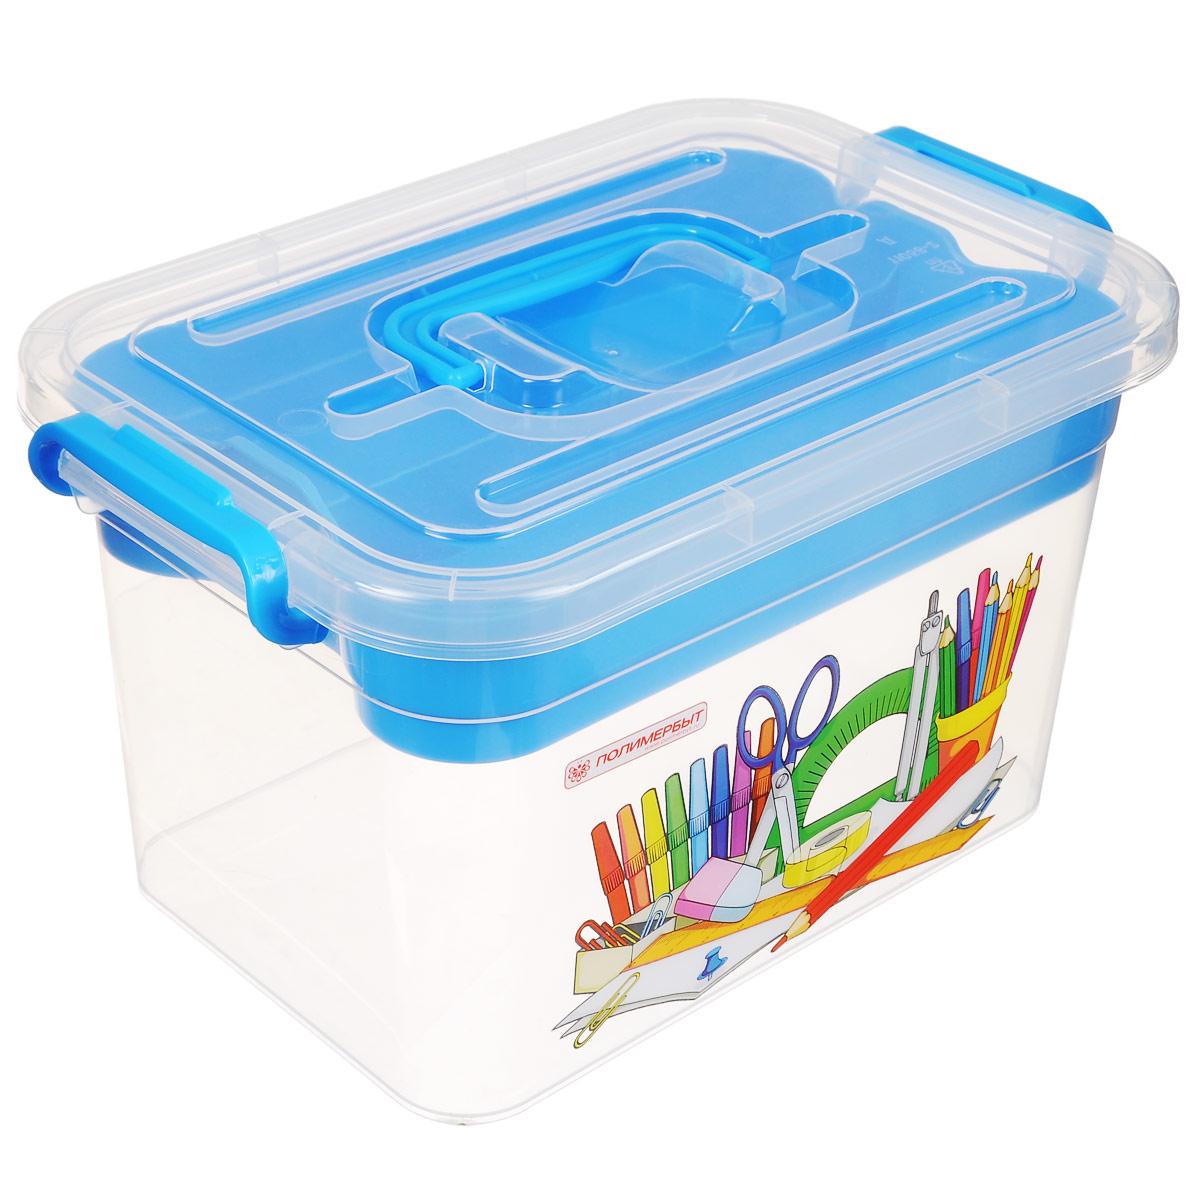 Контейнер Полимербыт Важные мелочи, с вкладышем, цвет: голубой, 6,5 лС80902Контейнер Полимербыт Важные мелочи выполнен из прозрачного пластика. Для удобства переноски сверху имеется ручка. Внутрь вставляется вкладыш голубого цвета с тремя отделениями. Контейнер плотно закрывается крышкой с защелками. В нем удобно хранить любые мелкие бытовые предметы: канцелярию, принадлежности для шитья и т.д. Контейнер Полимербыт Важные мелочи очень вместителен и поможет вам хранить все мелочи в одном месте.